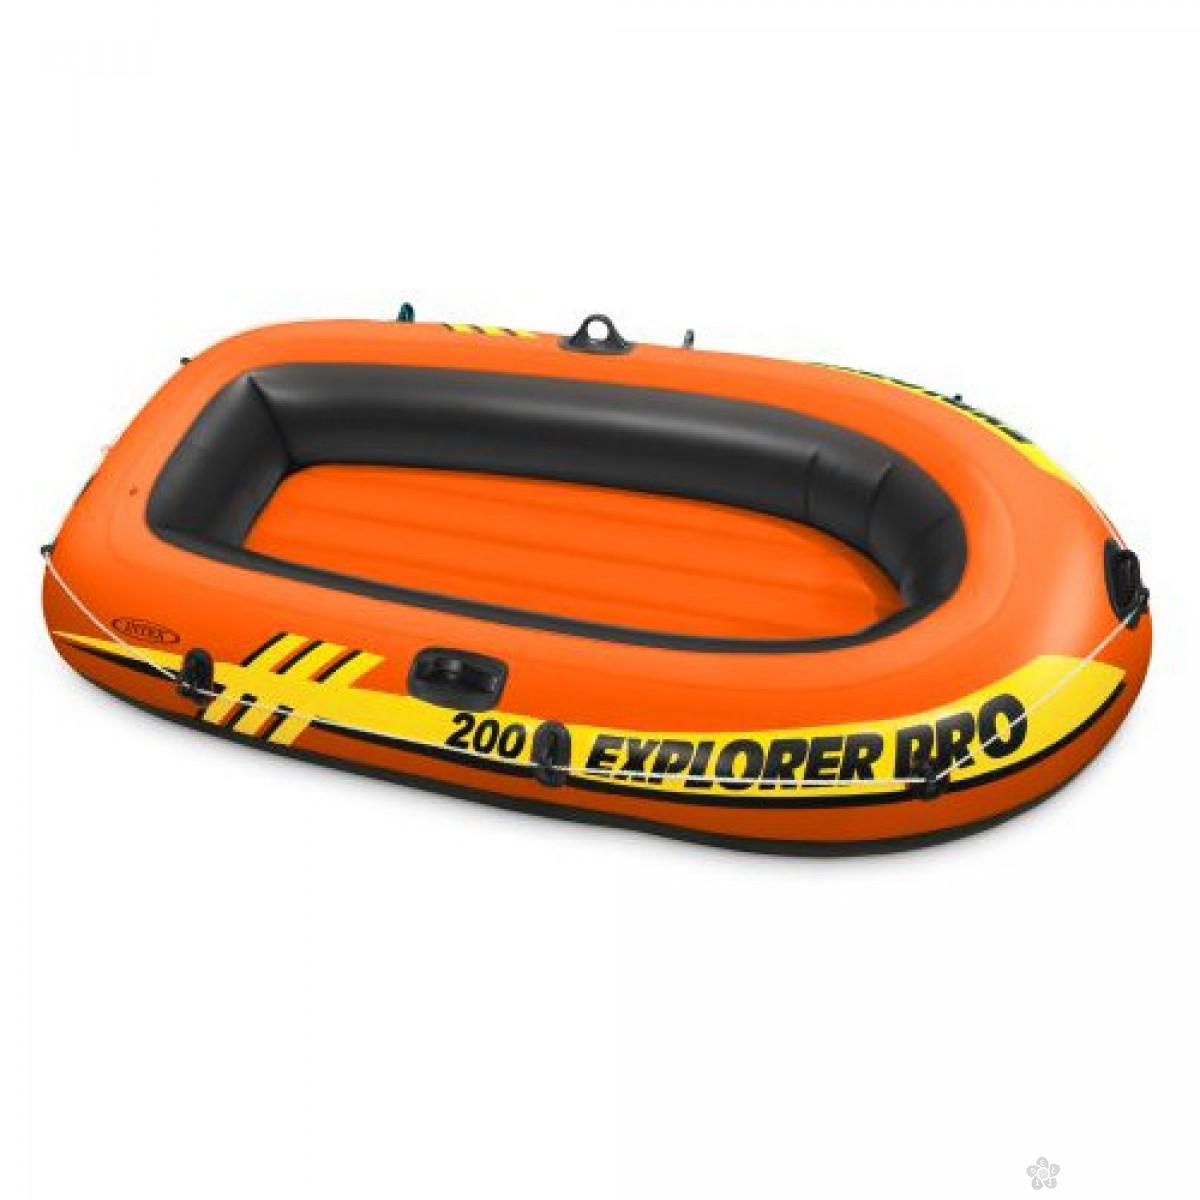 Čamac Pro 200, 14/58356NPI